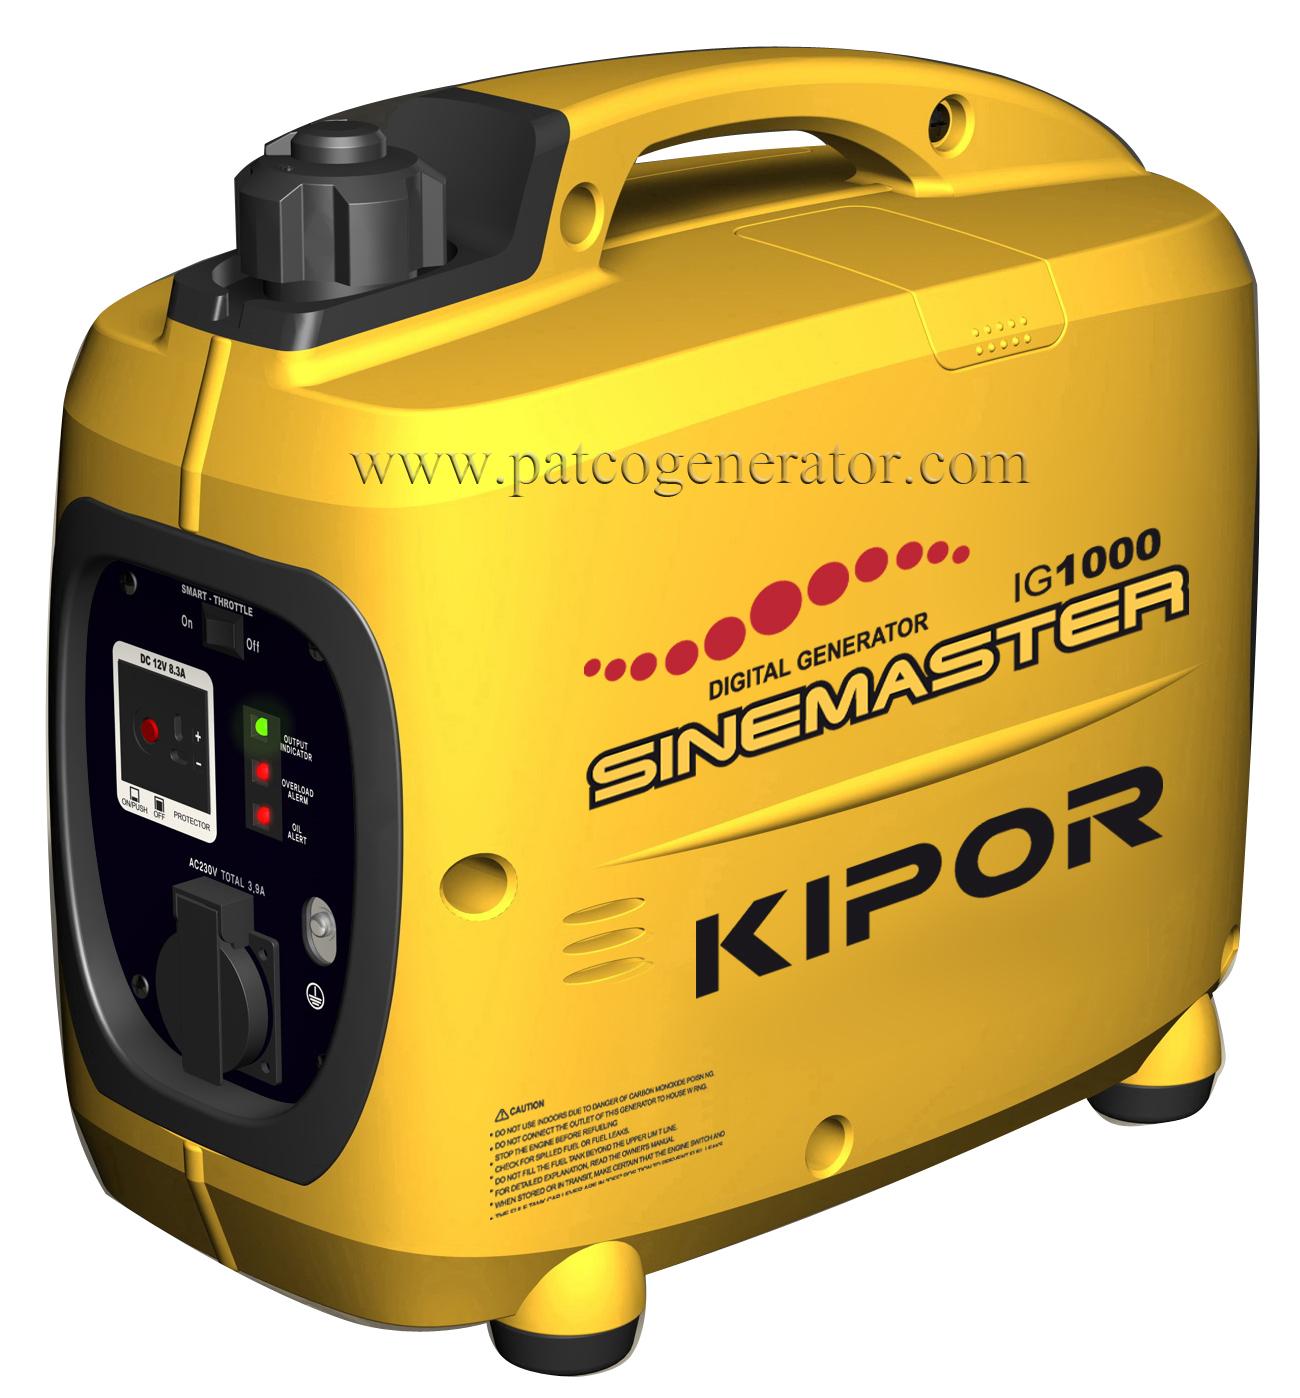 """เครื่องกำเนิดไฟฟ้าเครื่องยนต์เบนซินขนาด 1 KVA """"KIPOR""""# IG1000 (PORTABLE GASLOLINE GENERATOR """"KIPOR"""" # IG1000 1 KVA)"""